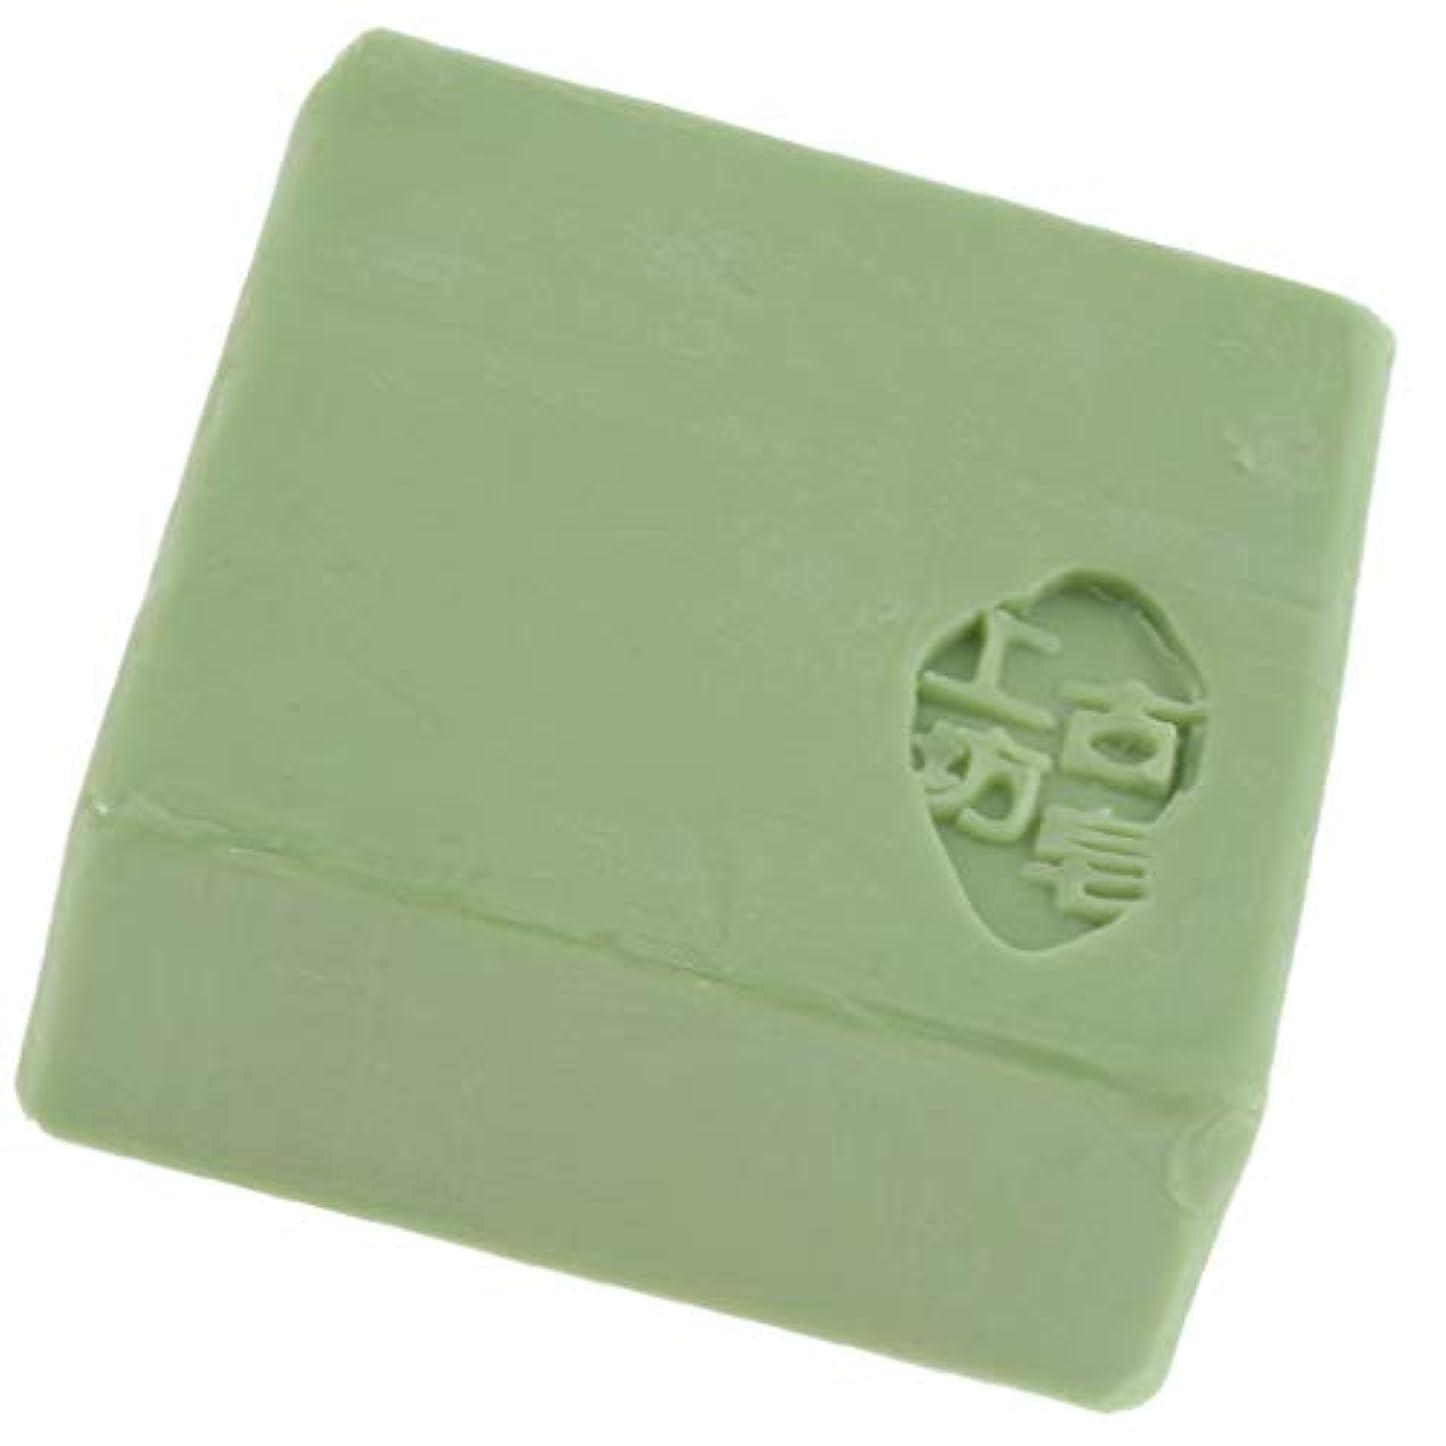 平手打ちオゾンタンクバス スキンケア フェイス ボディソープ 石鹸 保湿 好意 全3色 - 緑